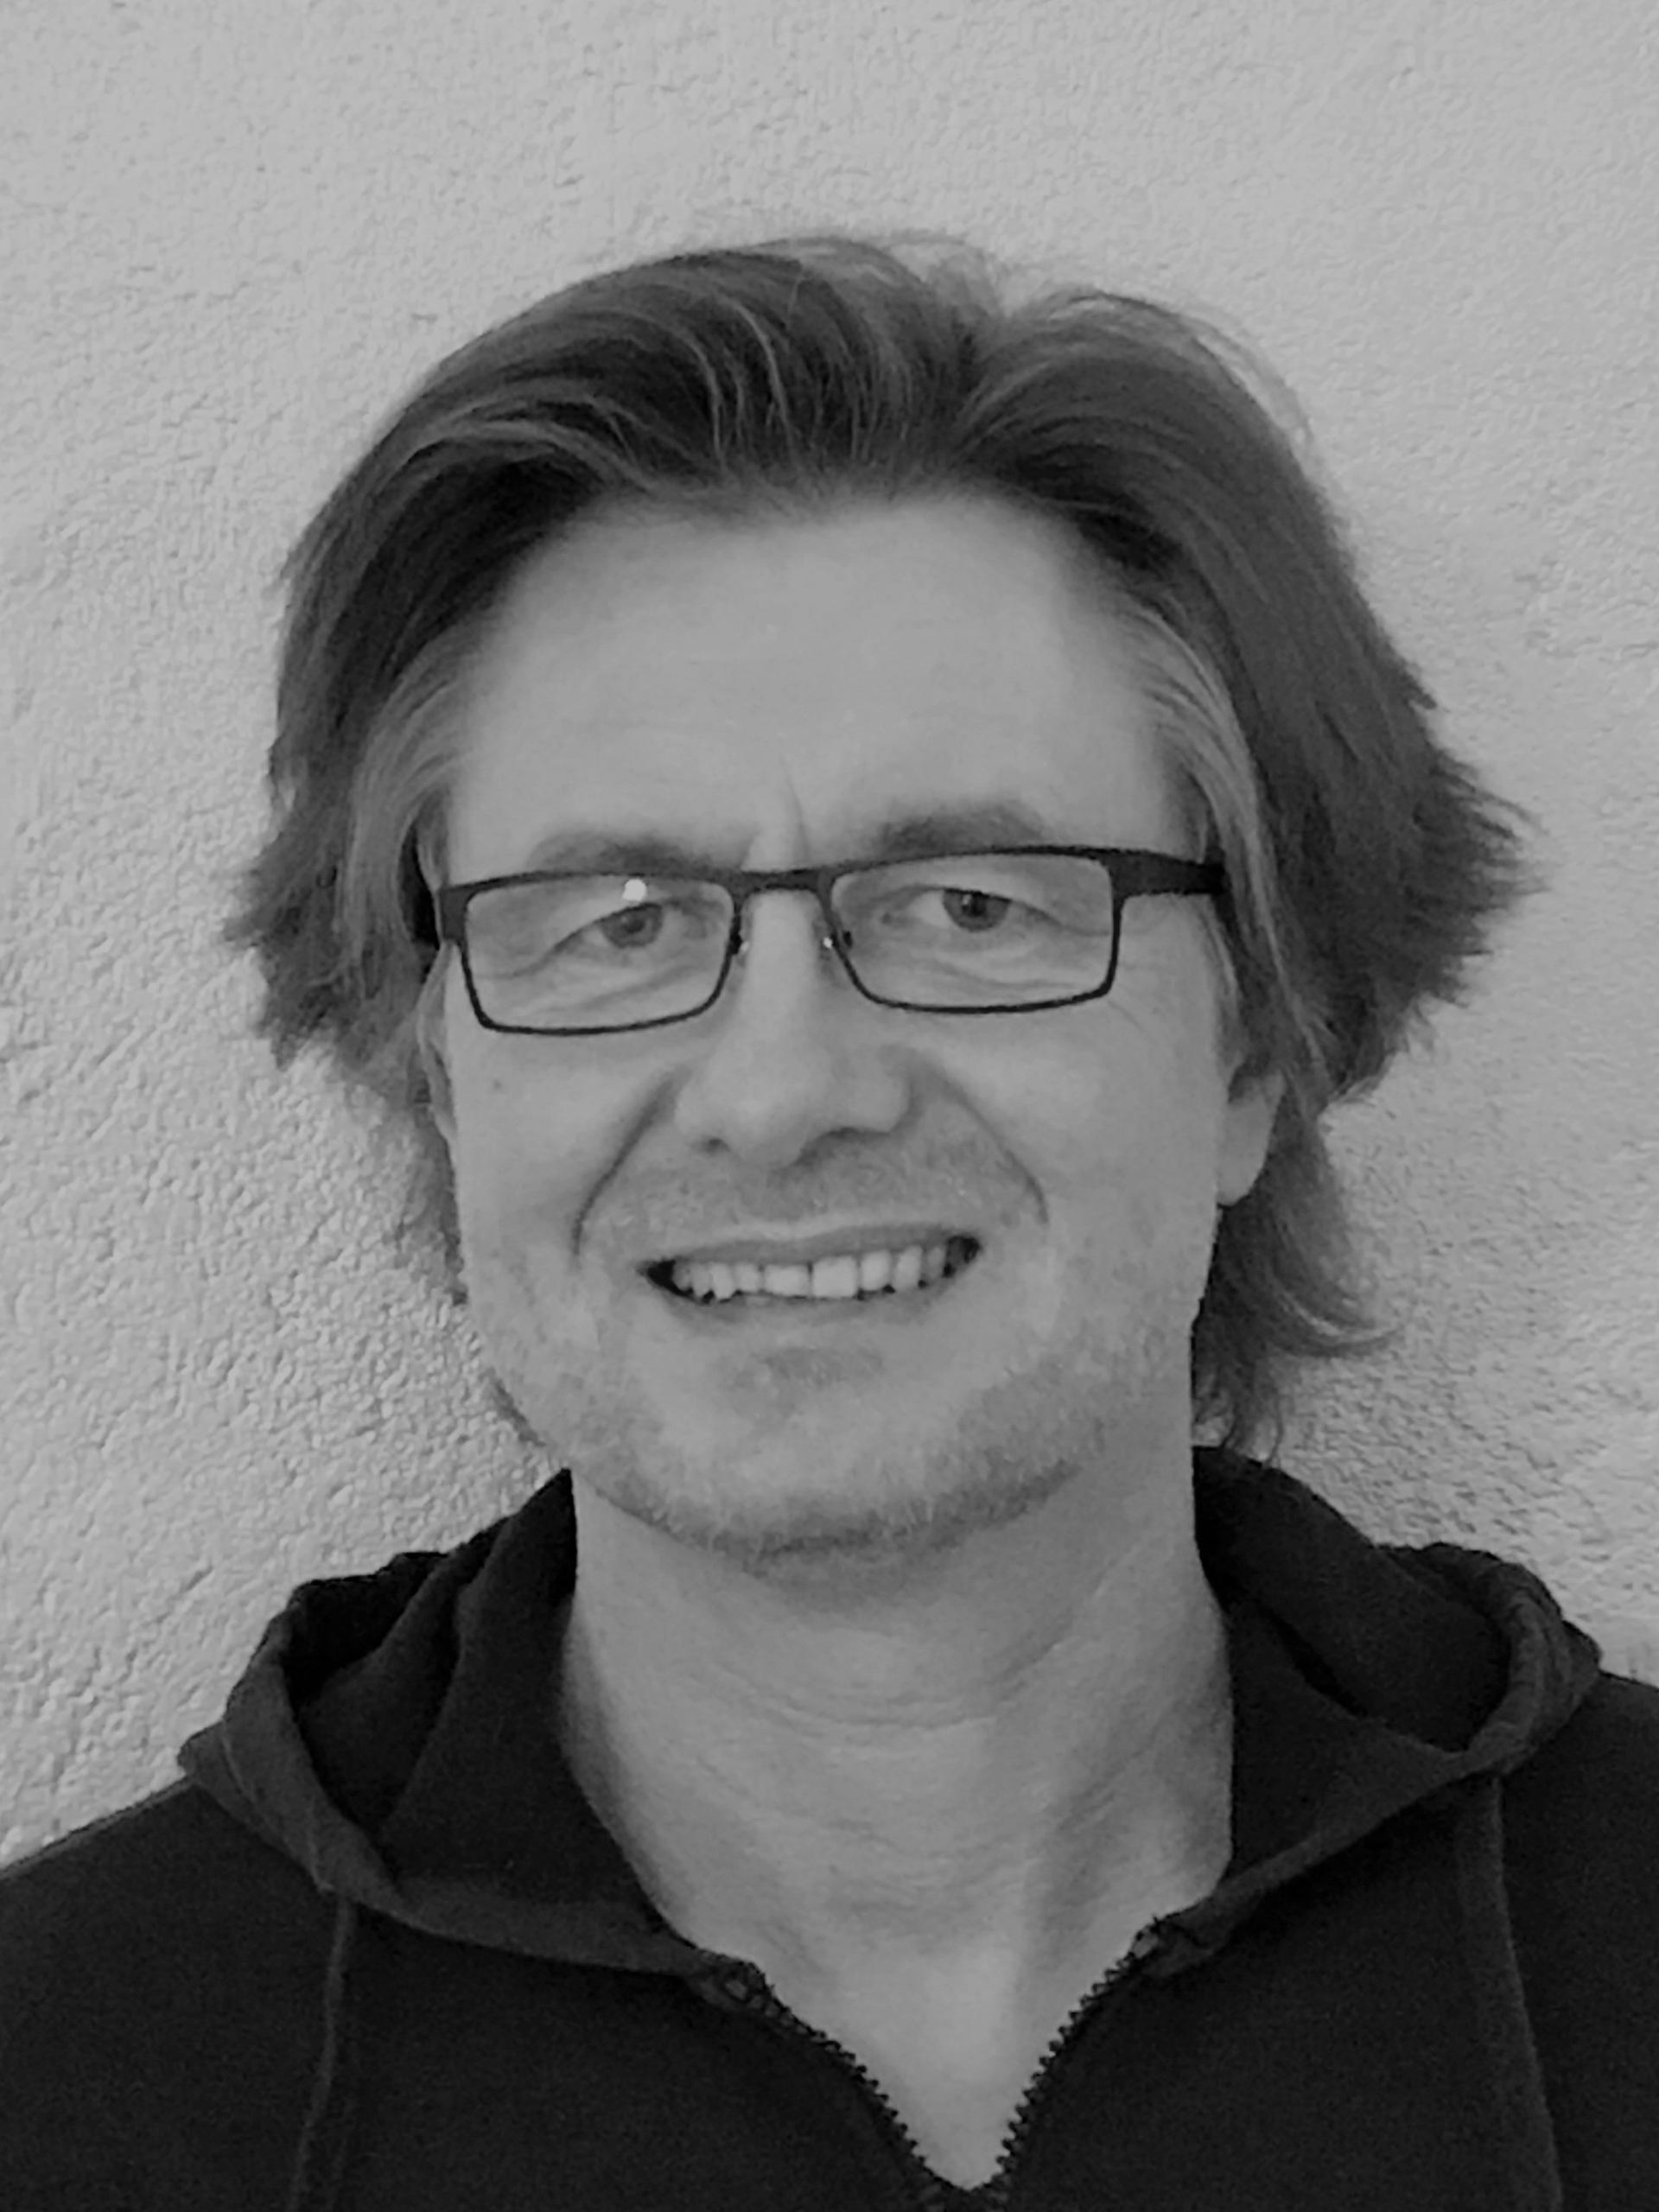 Uwe Thomas